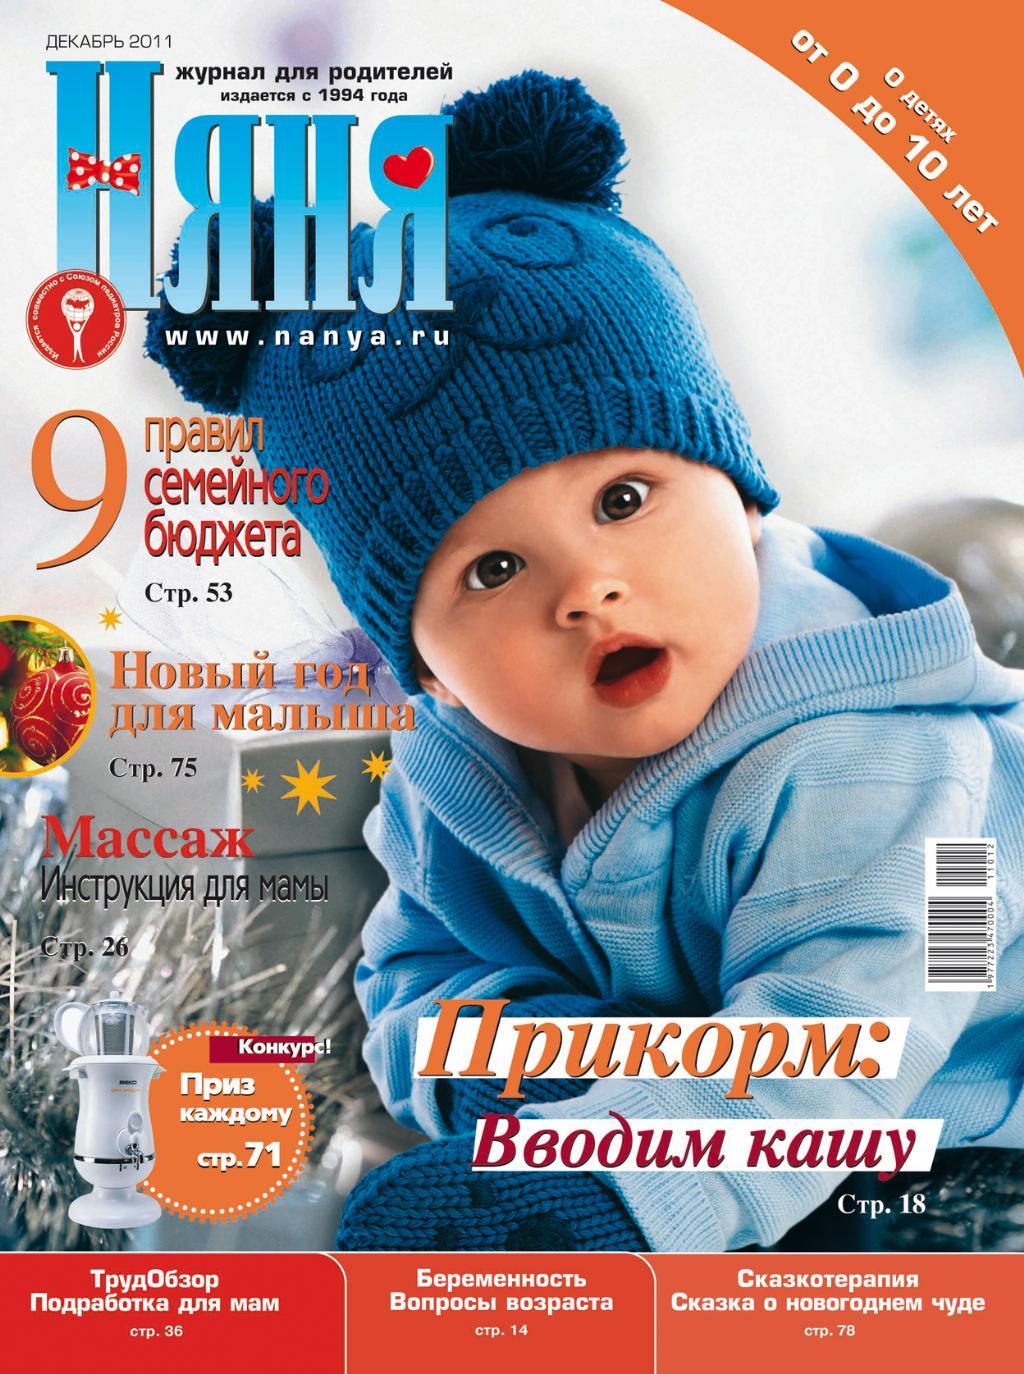 Журнал 'Няня'. Конкурс 'Лучшая новогодняя обложка 2012'